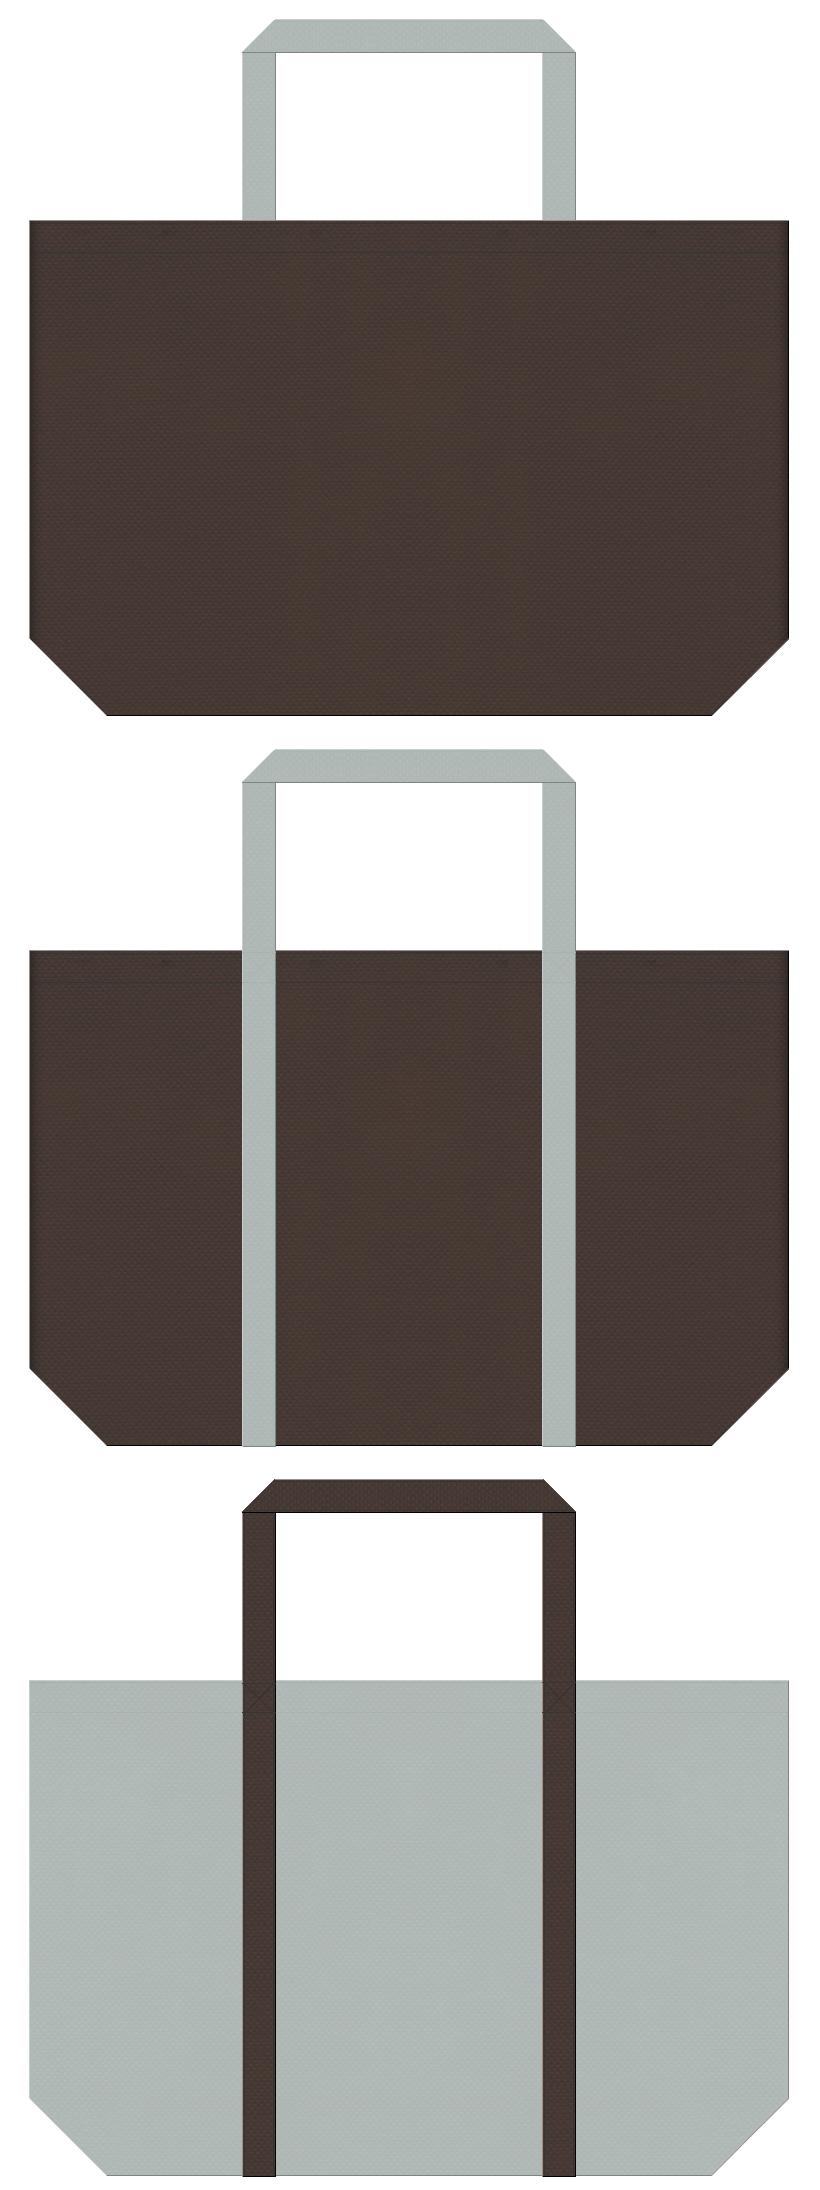 学術セミナー・マンション・オフィスビル・デベロッパー・ビルメンテナンス・セキュリティ・建築・設計・図面・什器・店舗インテリア・エクステリア・南京錠・鍵・事務用品のショッピングバッグにお奨めの不織布バッグデザイン:こげ茶色とグレー色のコーデ